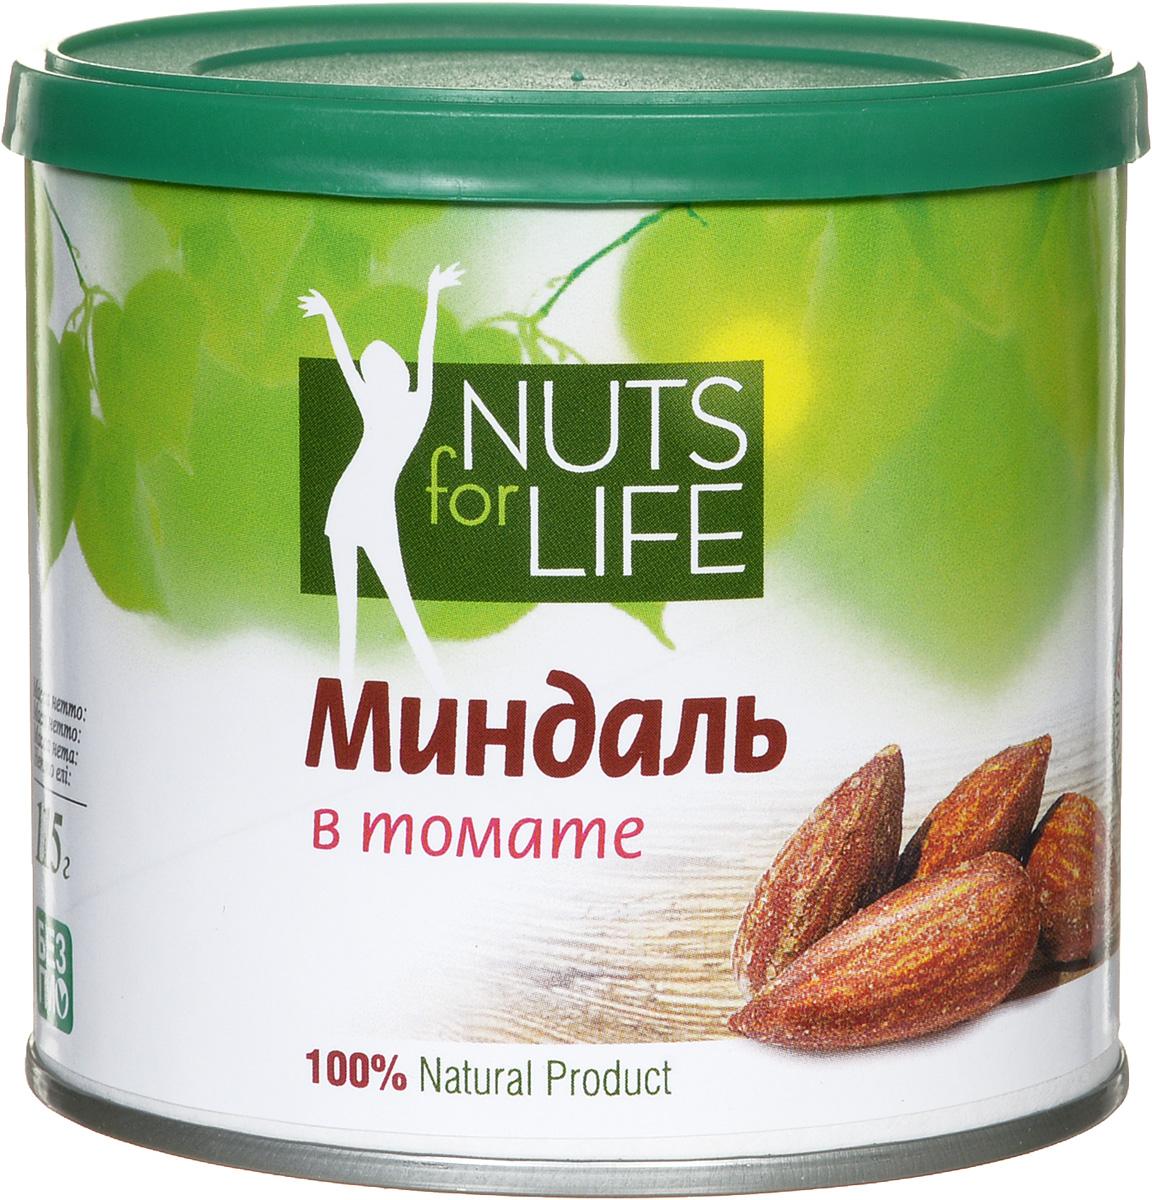 Nuts for Life Миндаль обжаренный соленый в томате, 115 г